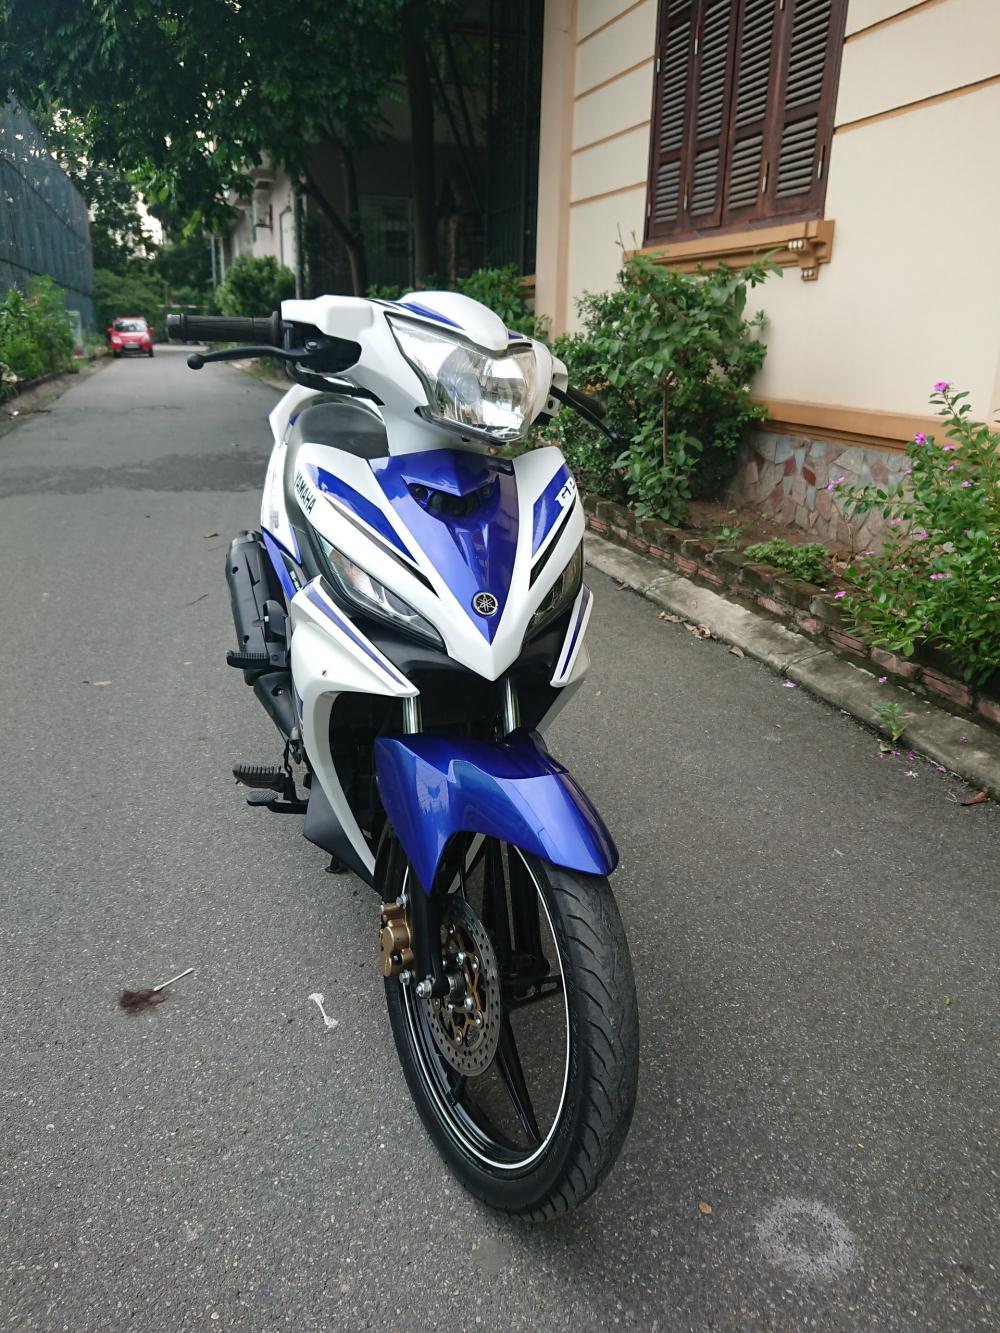 Ban xe Yamaha Exciter 135GP may nguyen ban cuc chat bien Dep - 3